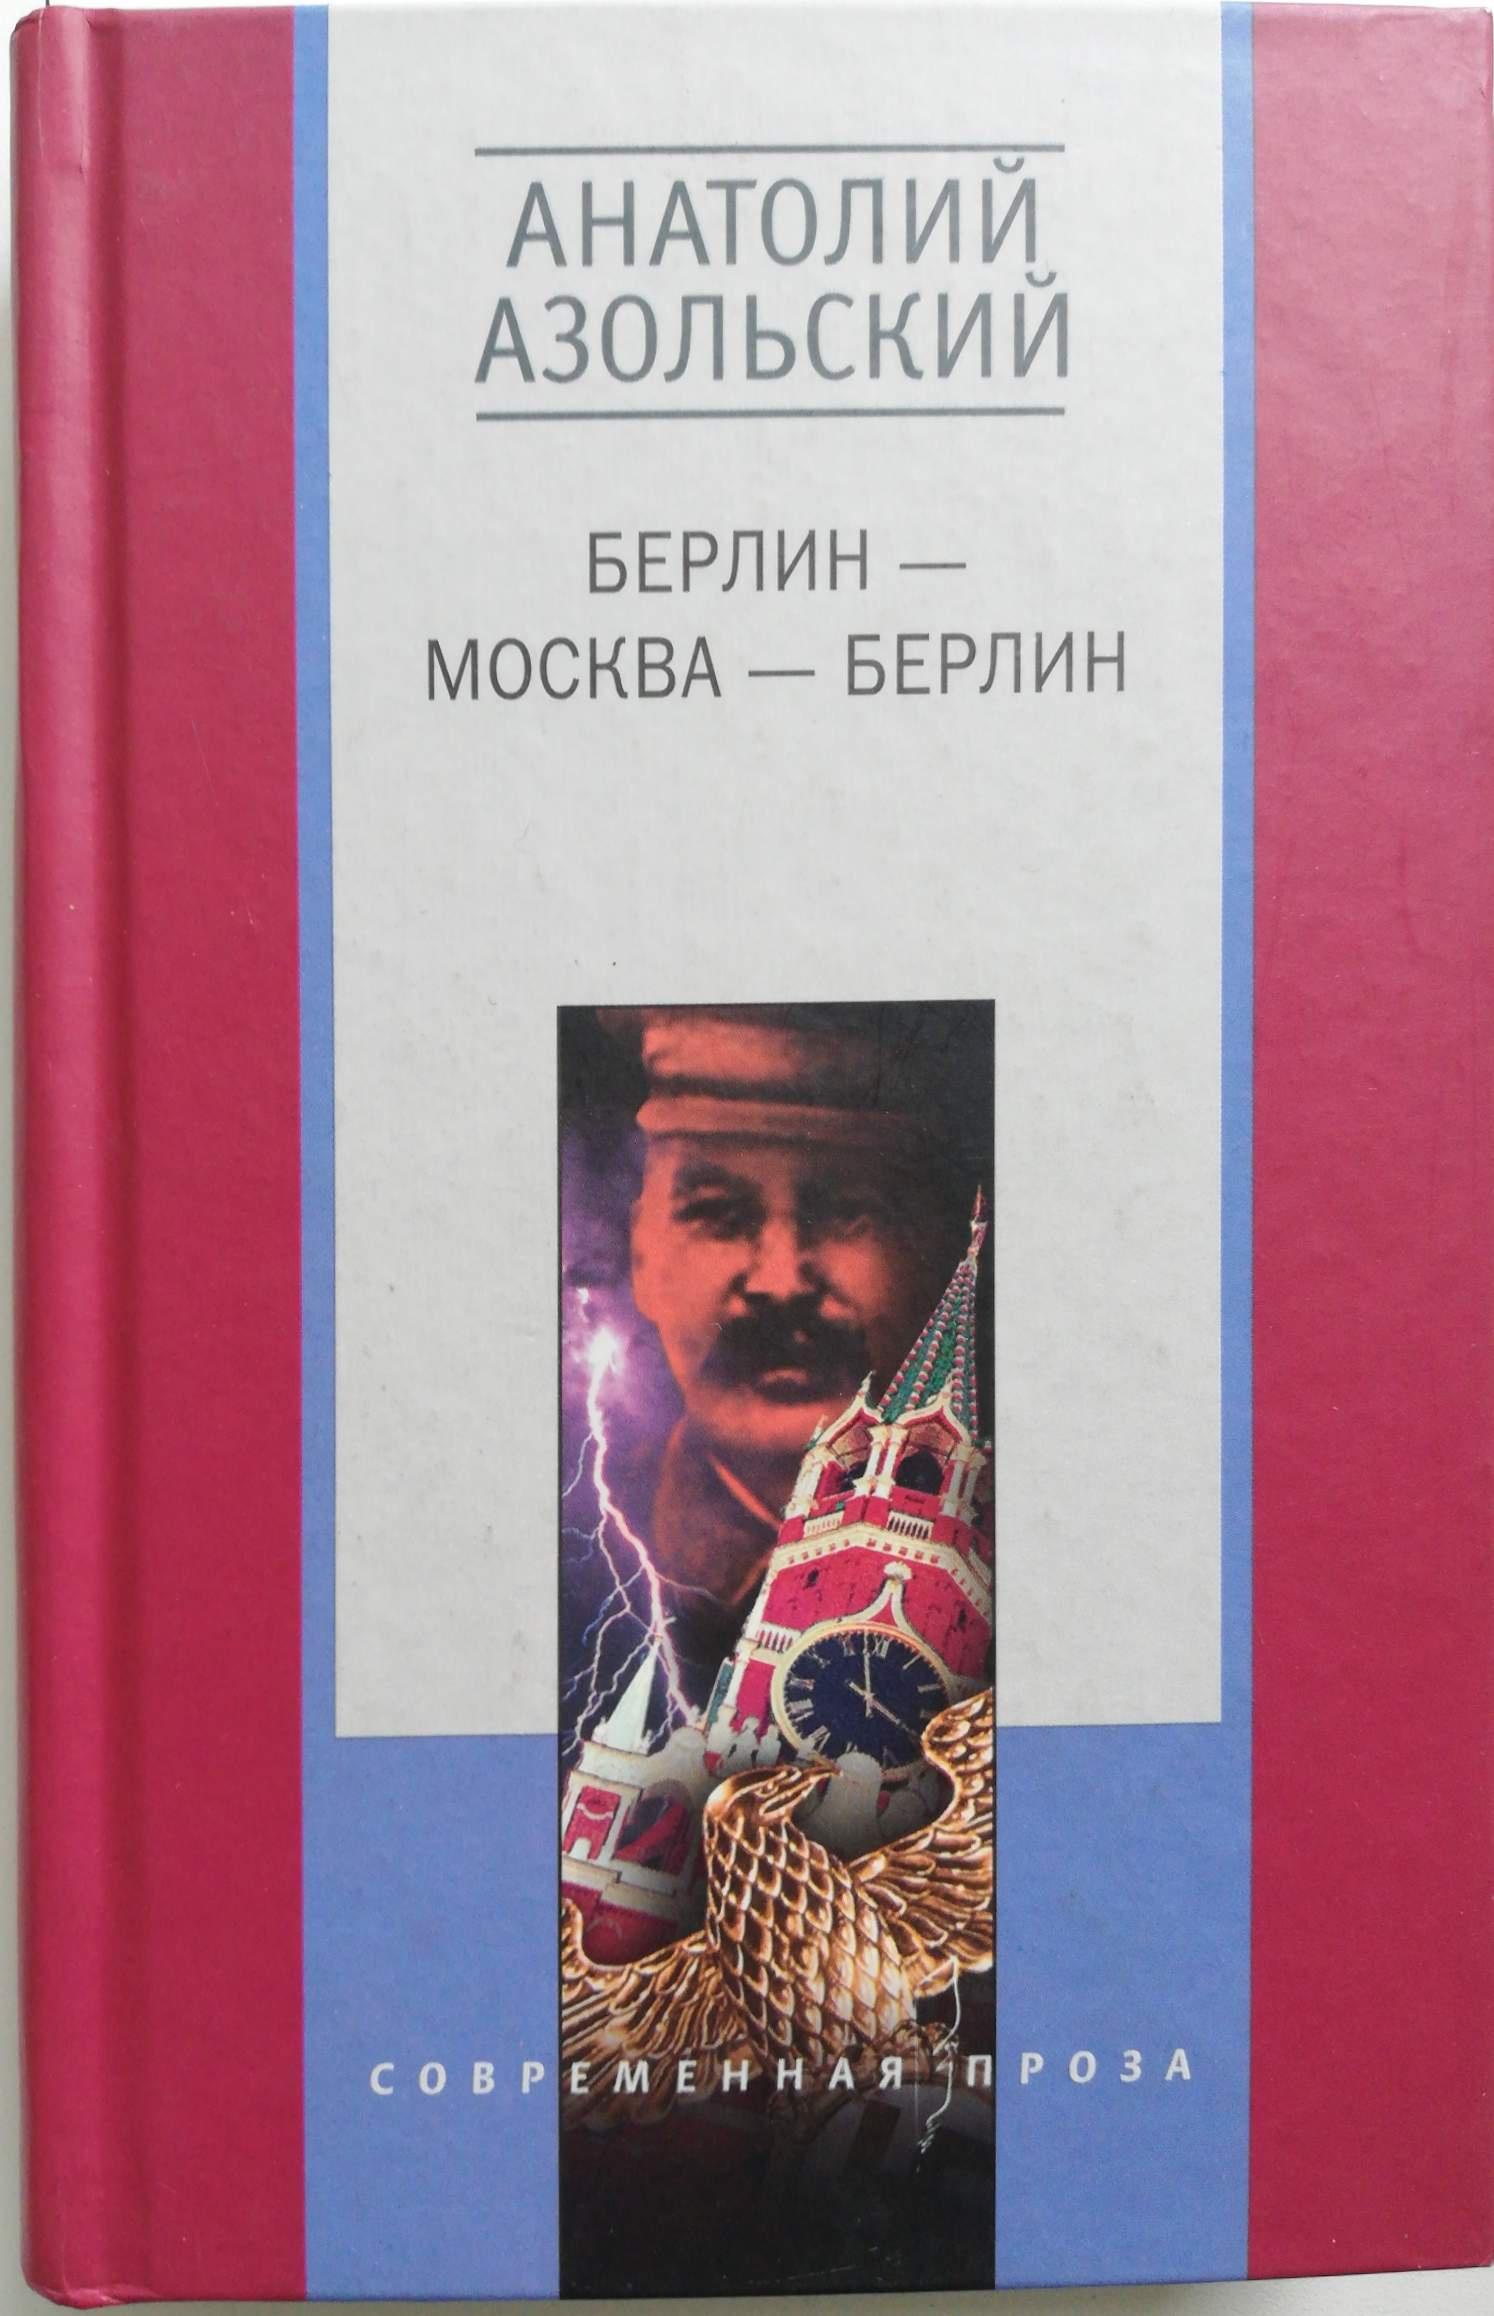 Азольский Анатолий Алексеевич Берлин-Москва-Берлин